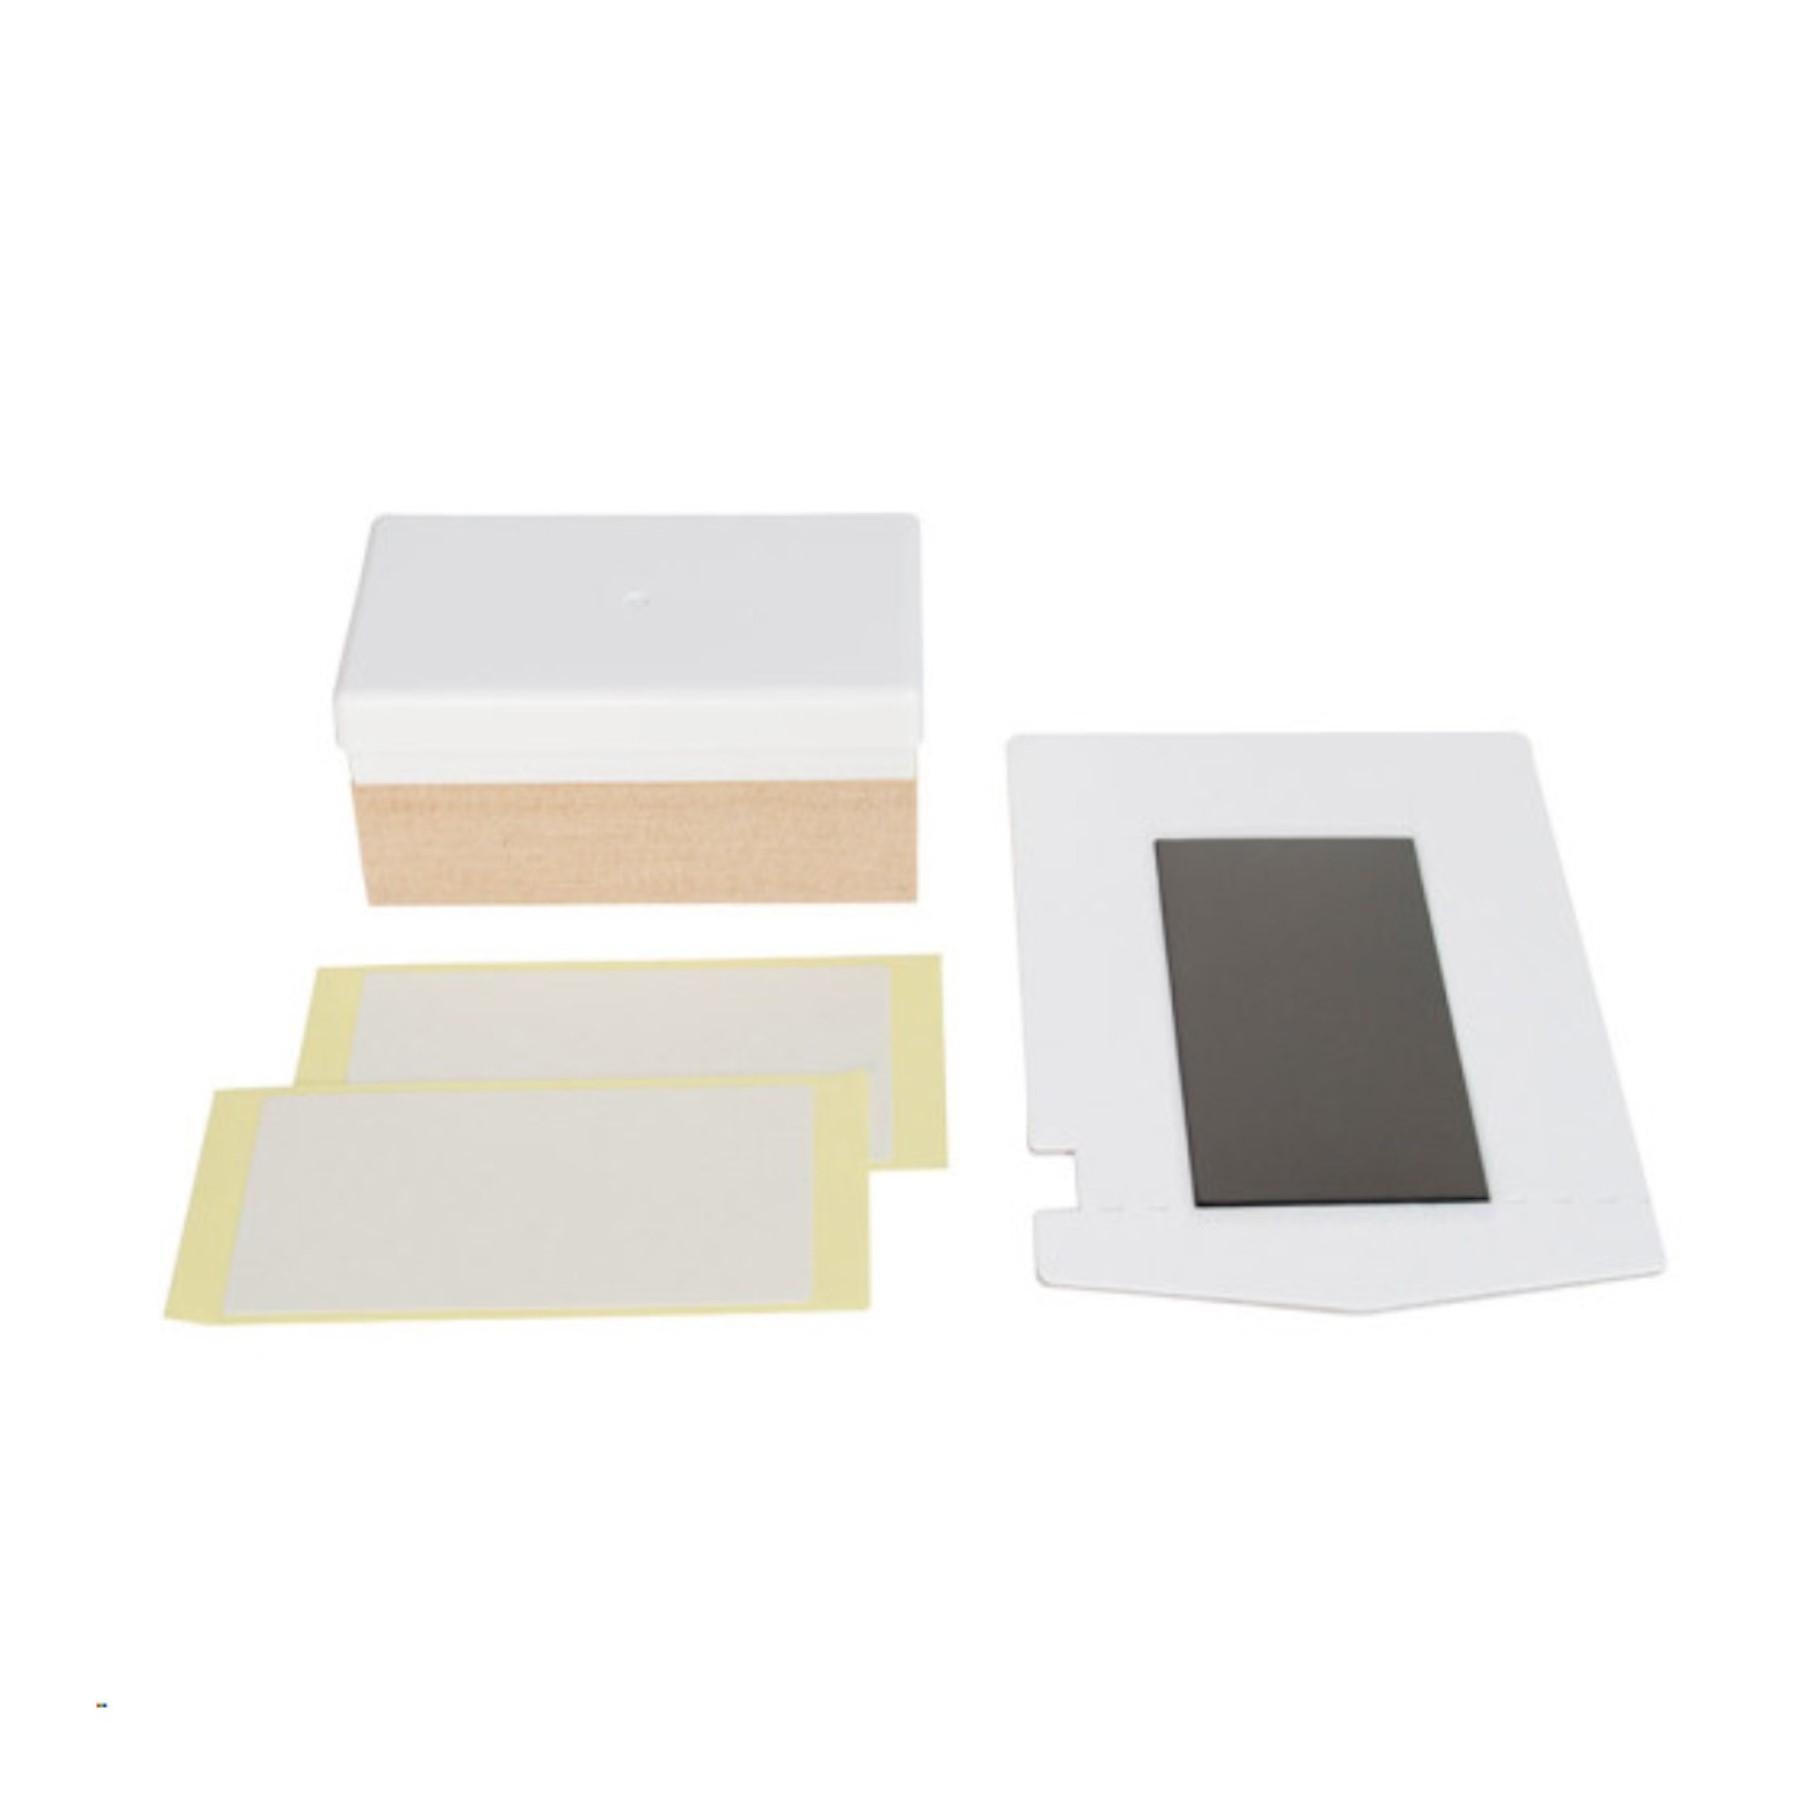 Kit de timbre 3 x 6 cm